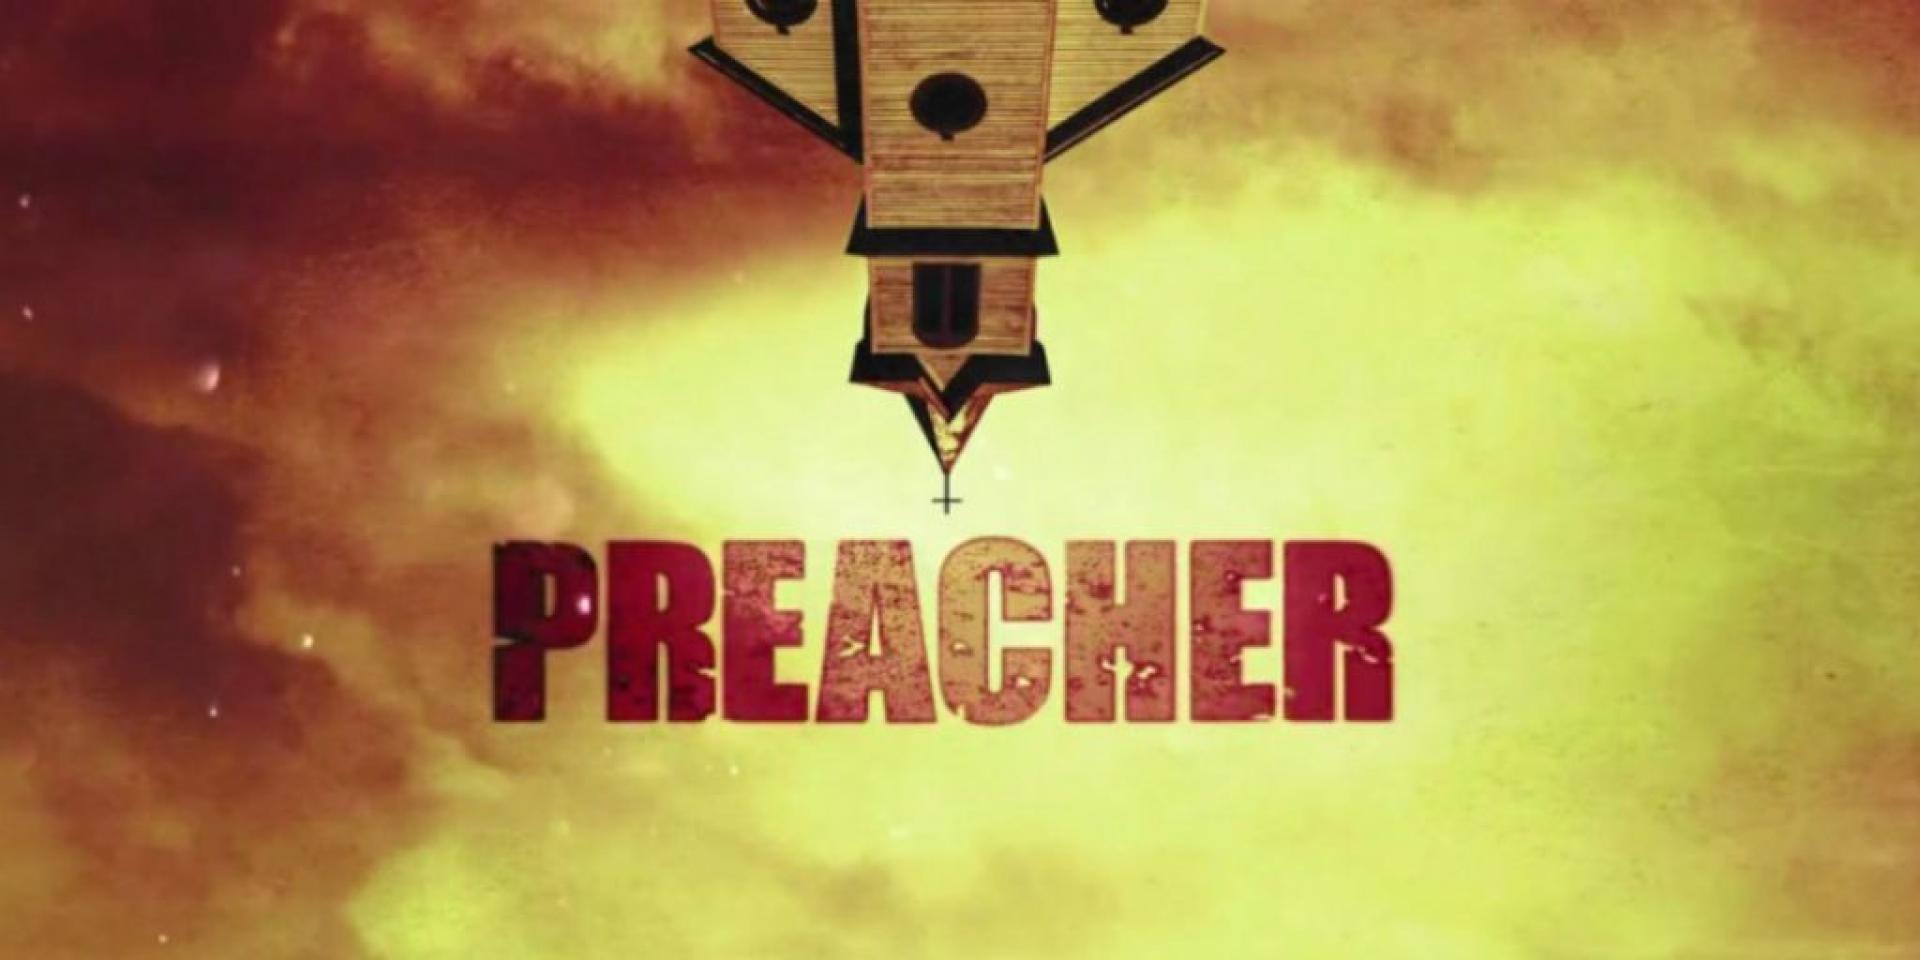 Preacher 1. évad értékelése (2016)